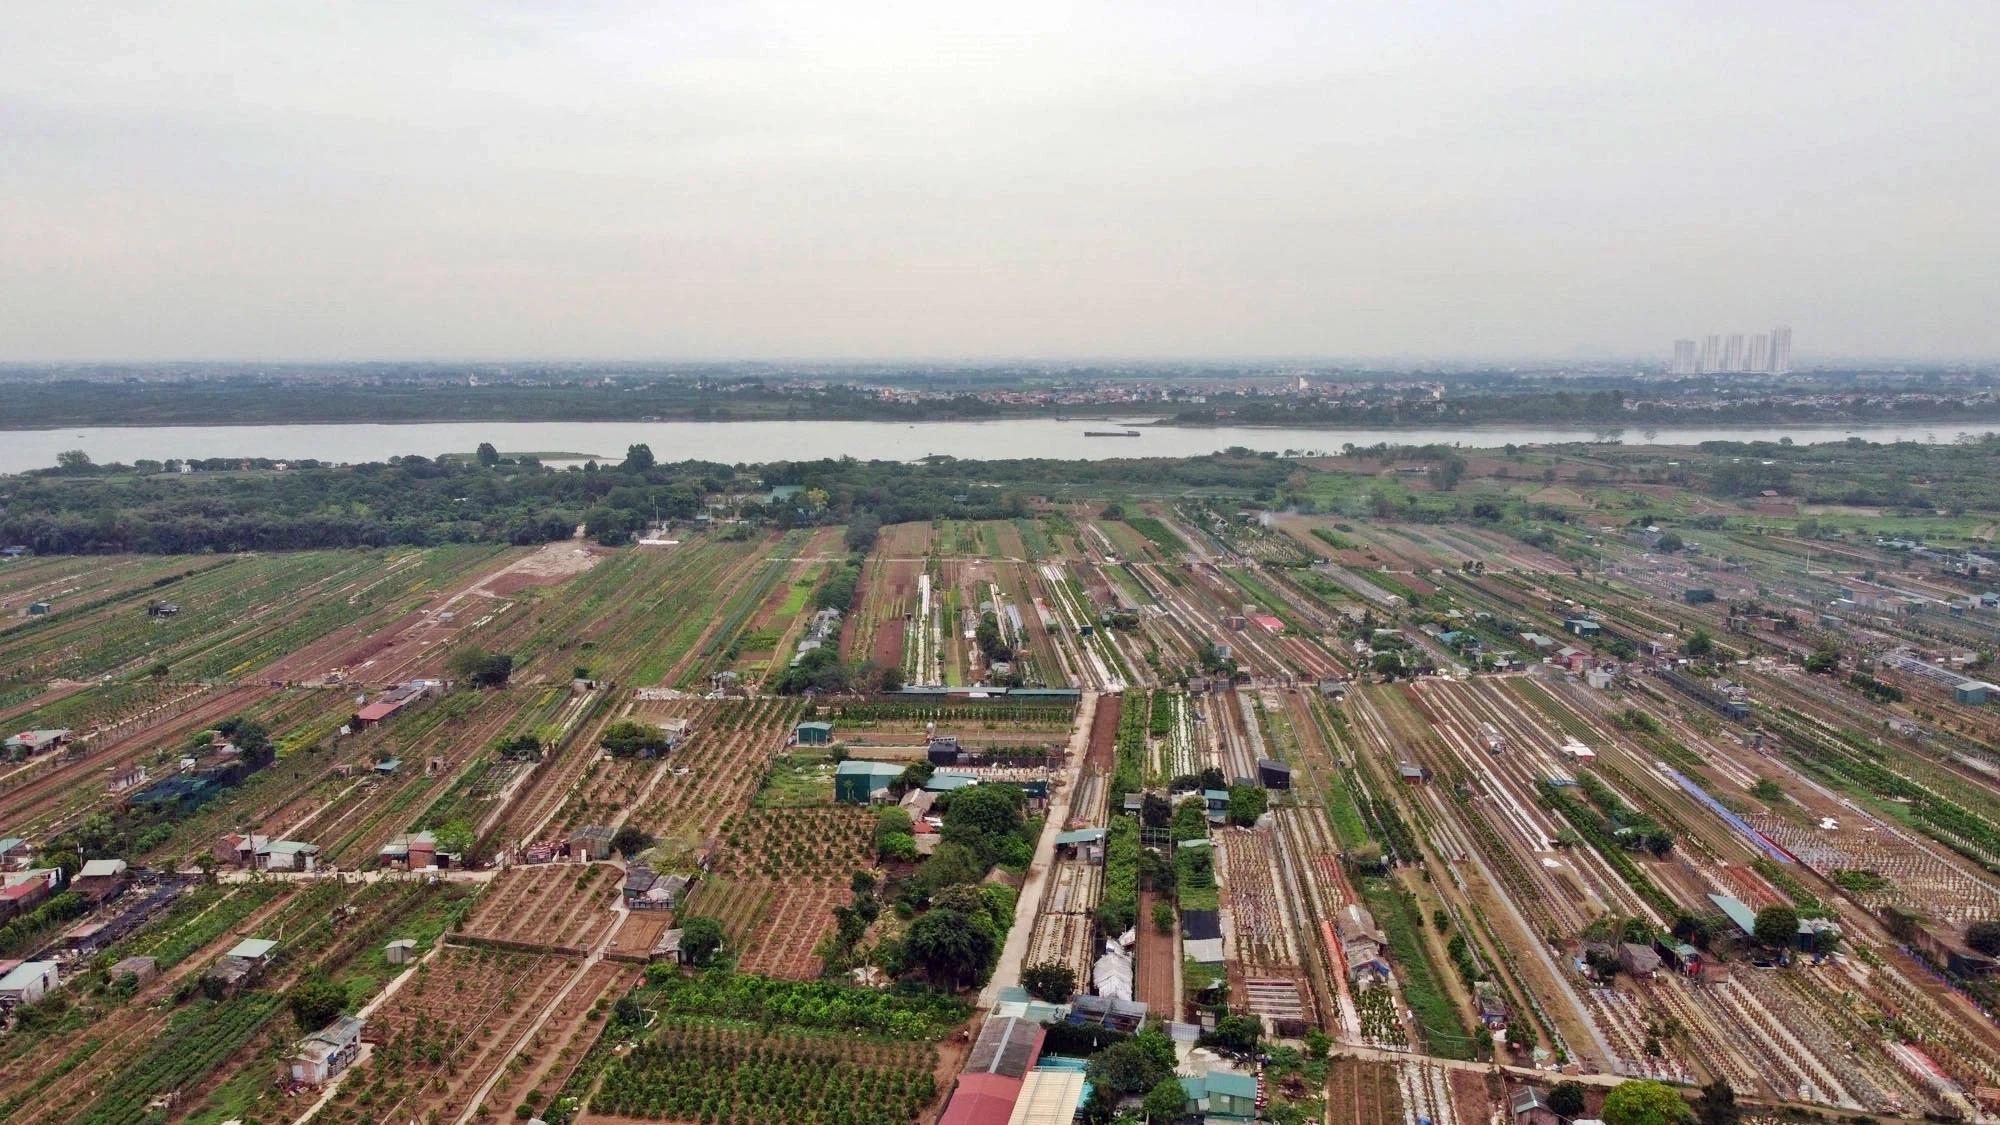 Toàn cảnh hiện trạng Phân khu đô thị sông Hồng trên địa bàn quận Tây Hồ - Ảnh 17.